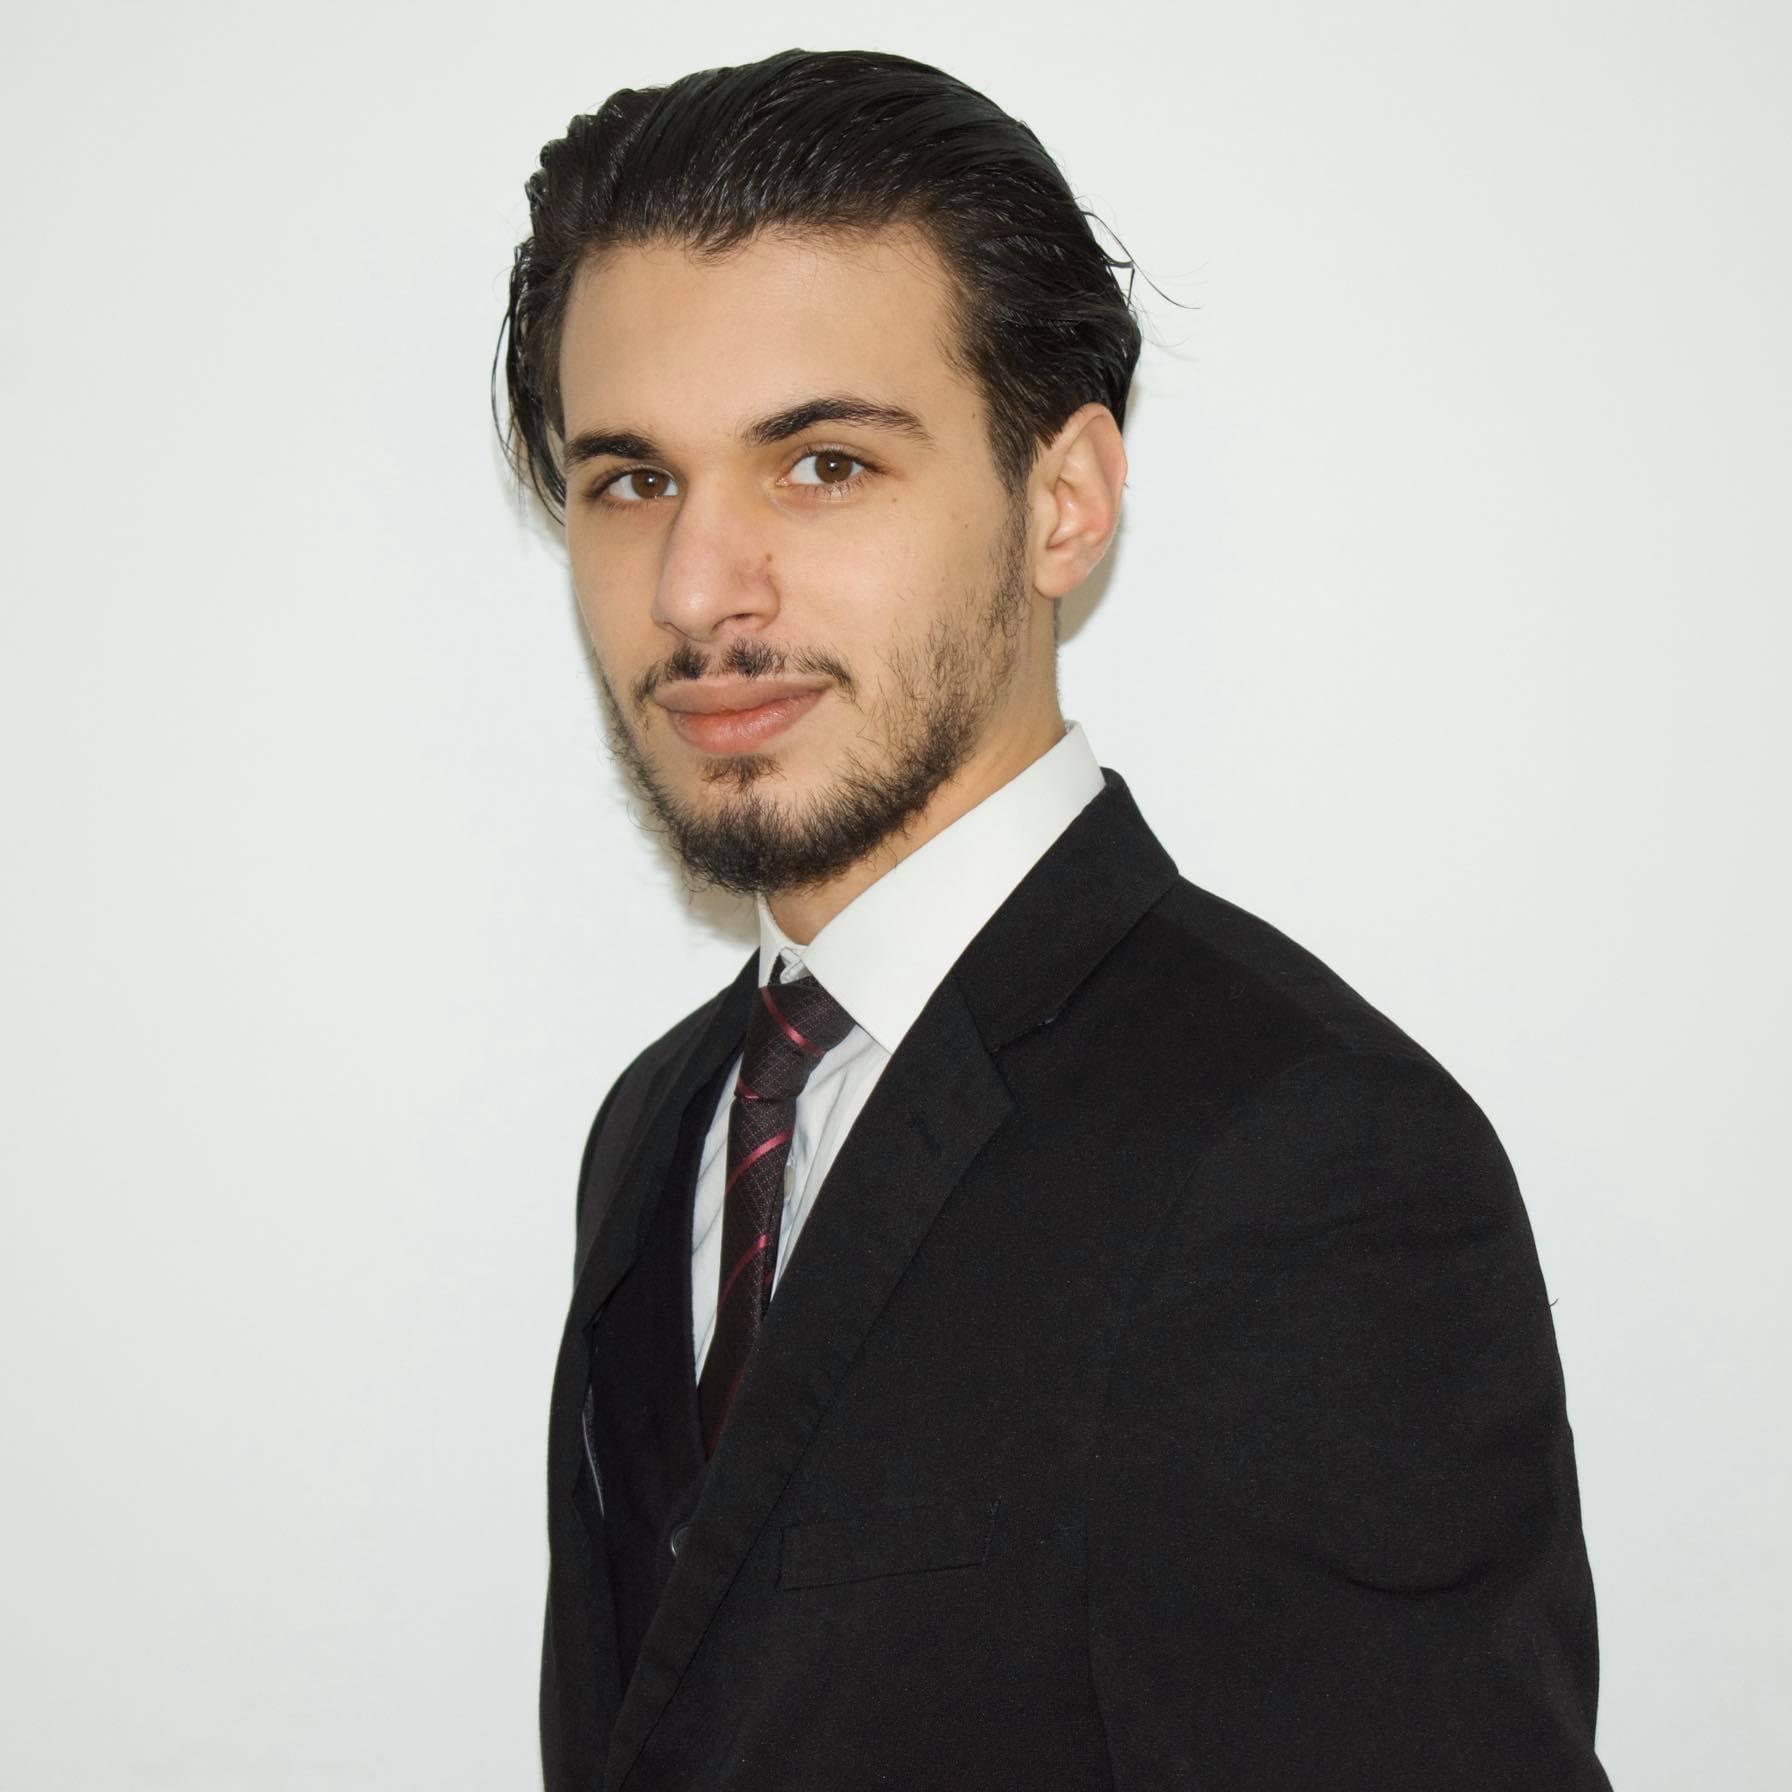 Mohammed Farhoud